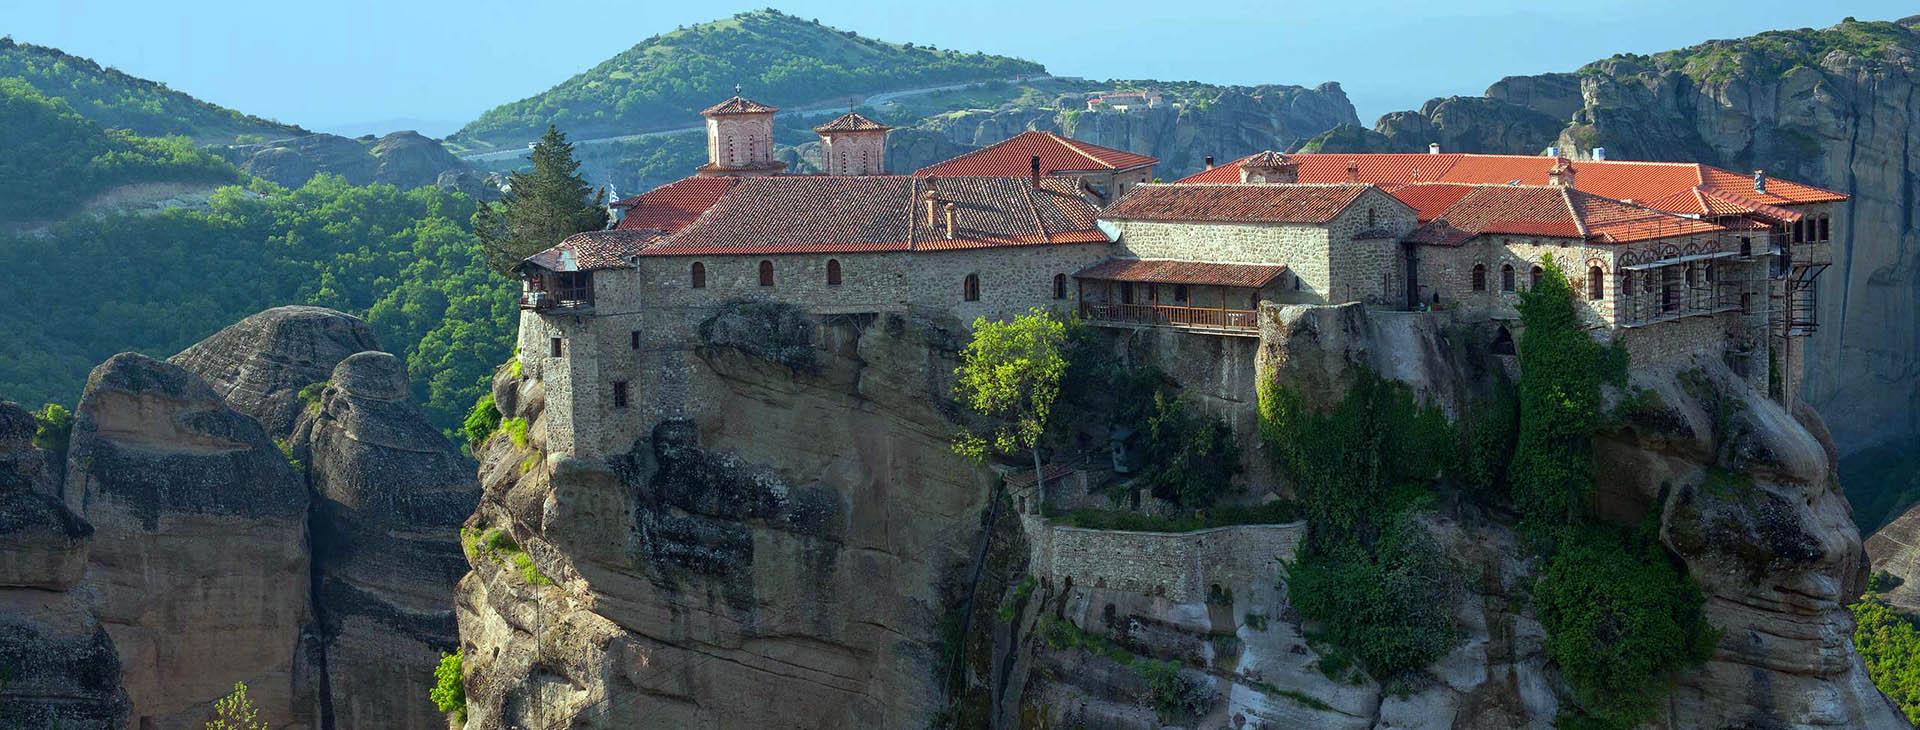 Varlaam Monastery at Metéora, Trikala